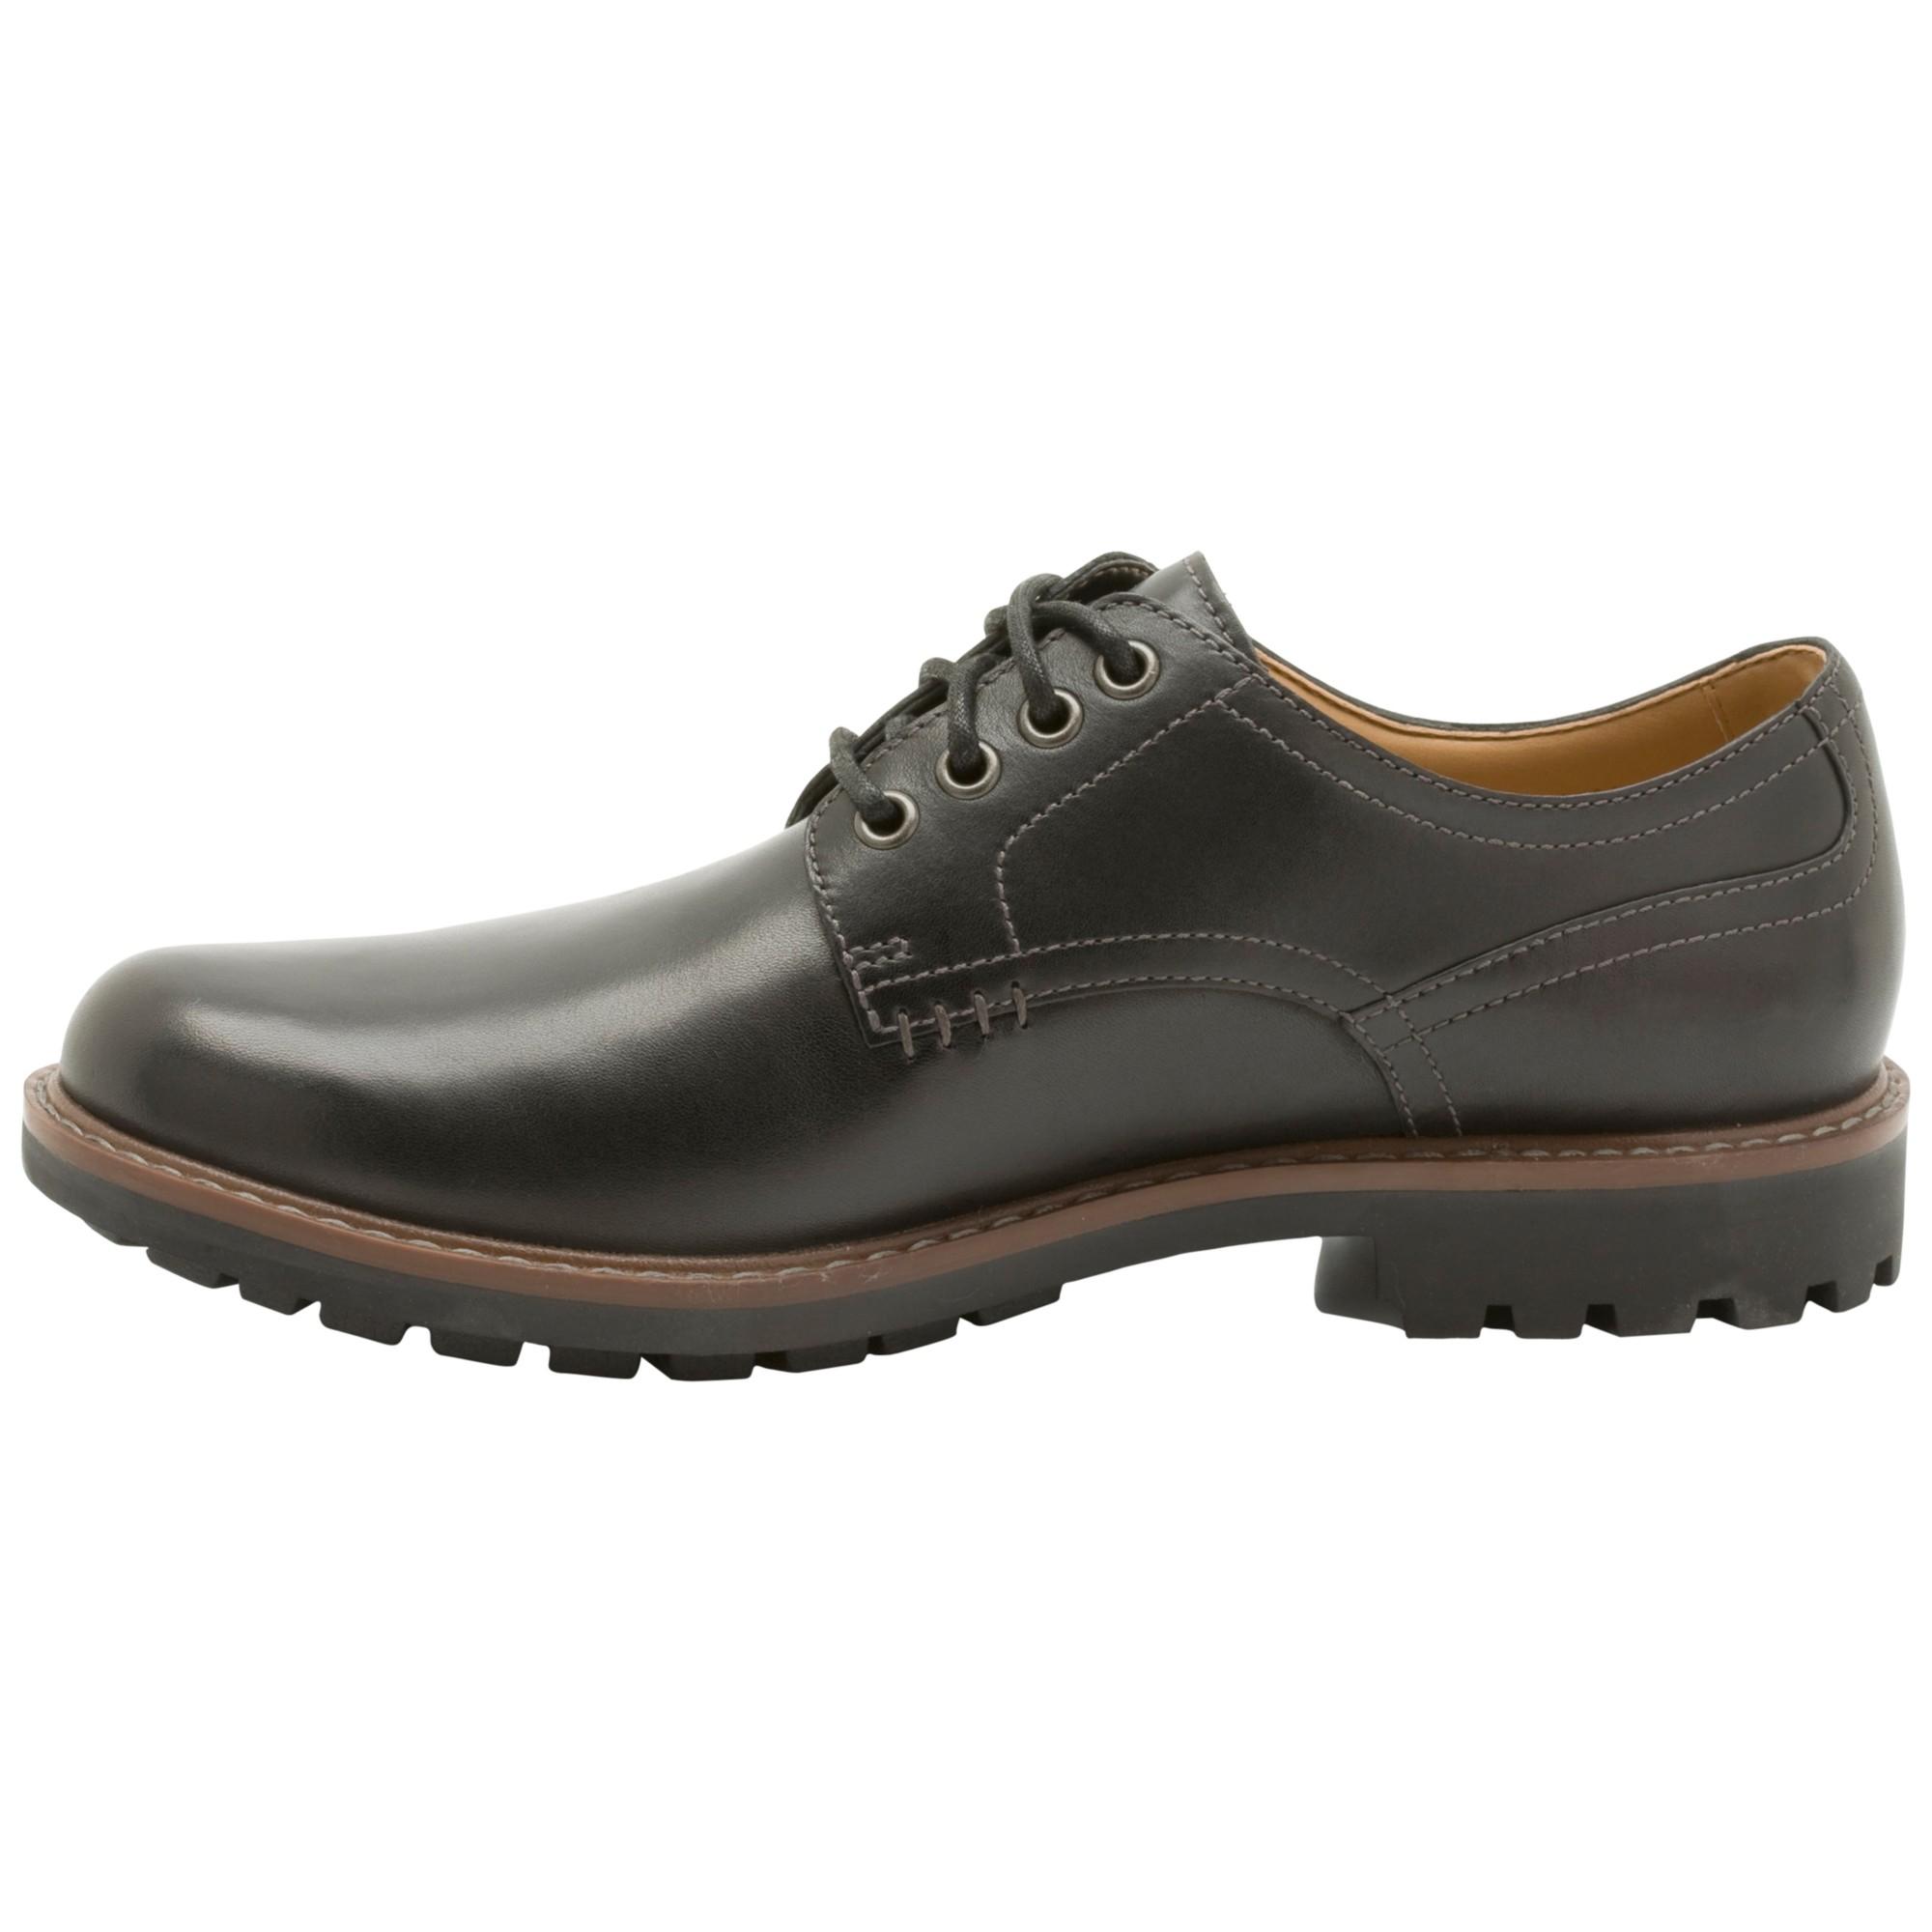 John Lewis Clarks Mens Shoes